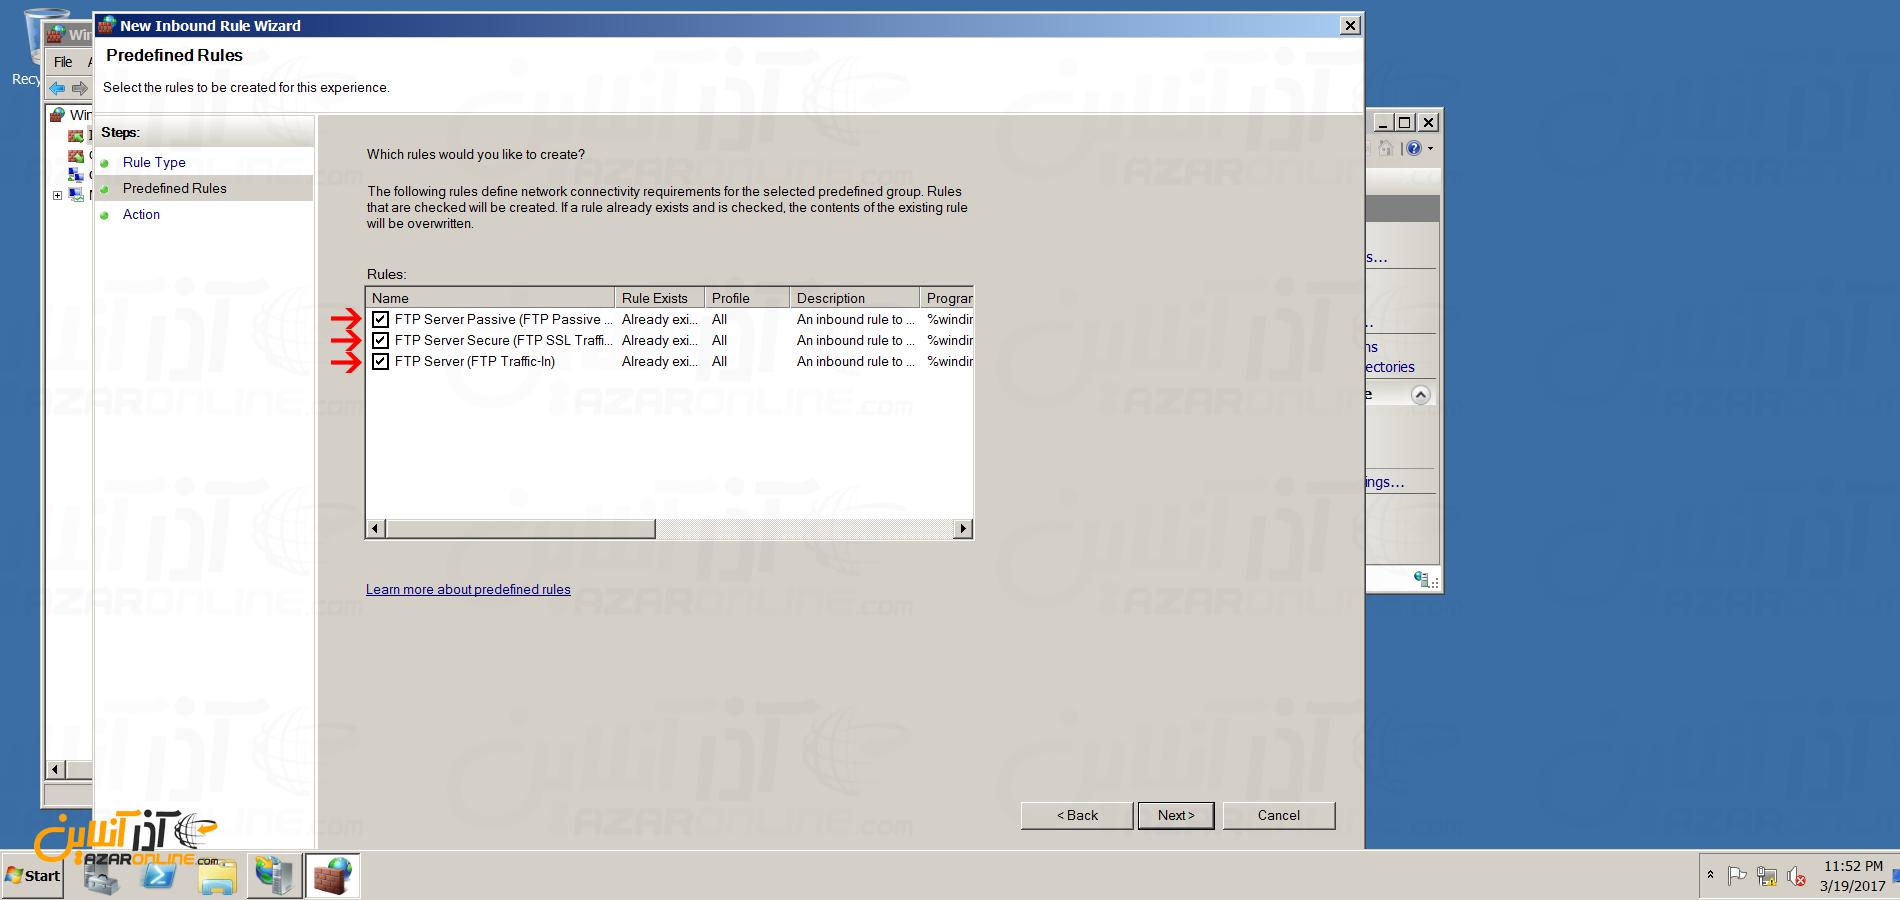 نصب FTP سرور در ویندوز سرور 2008 - تنظیم فایروال برای FTP Server